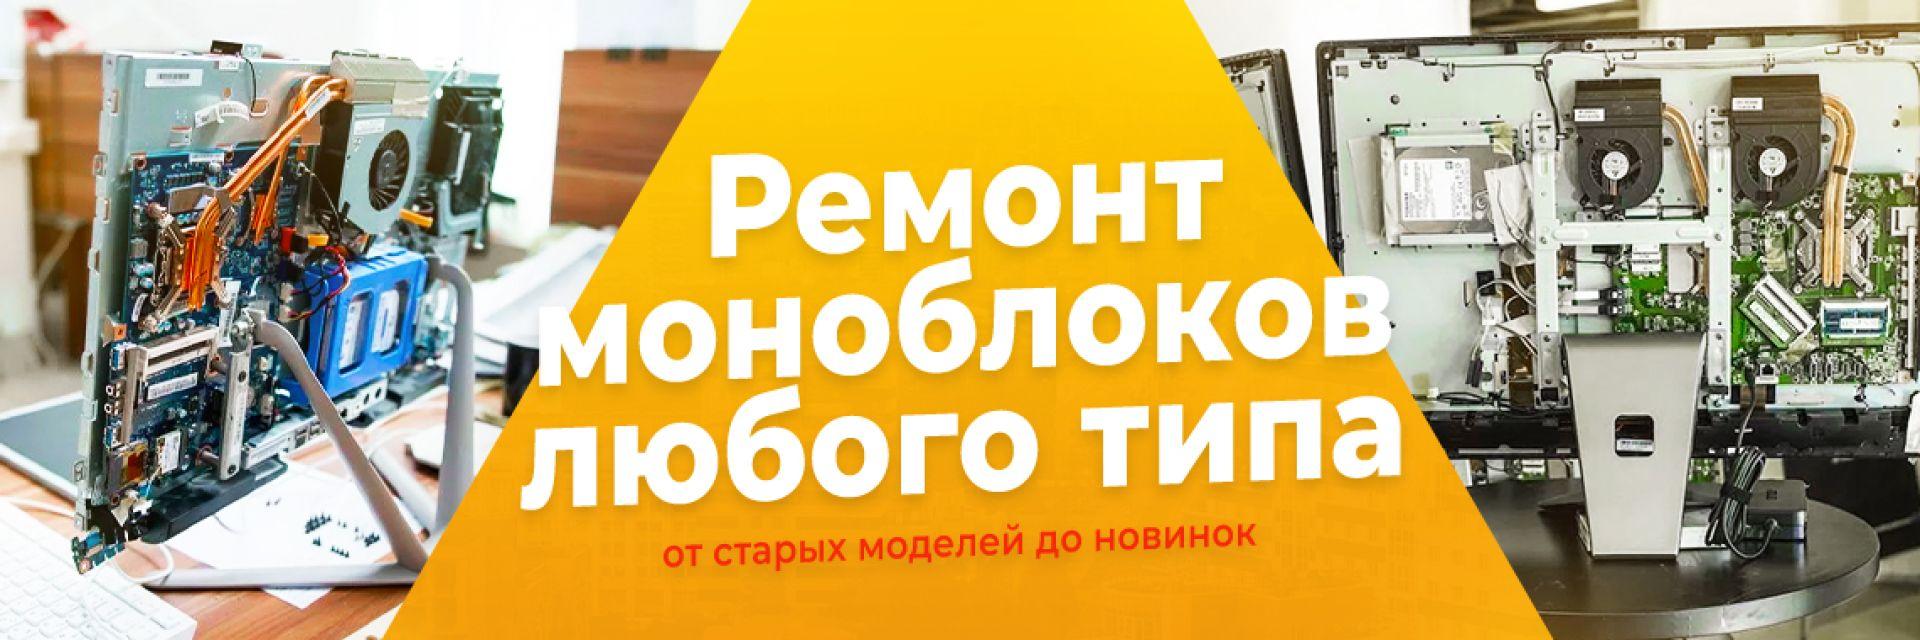 Ремонт моноблоков